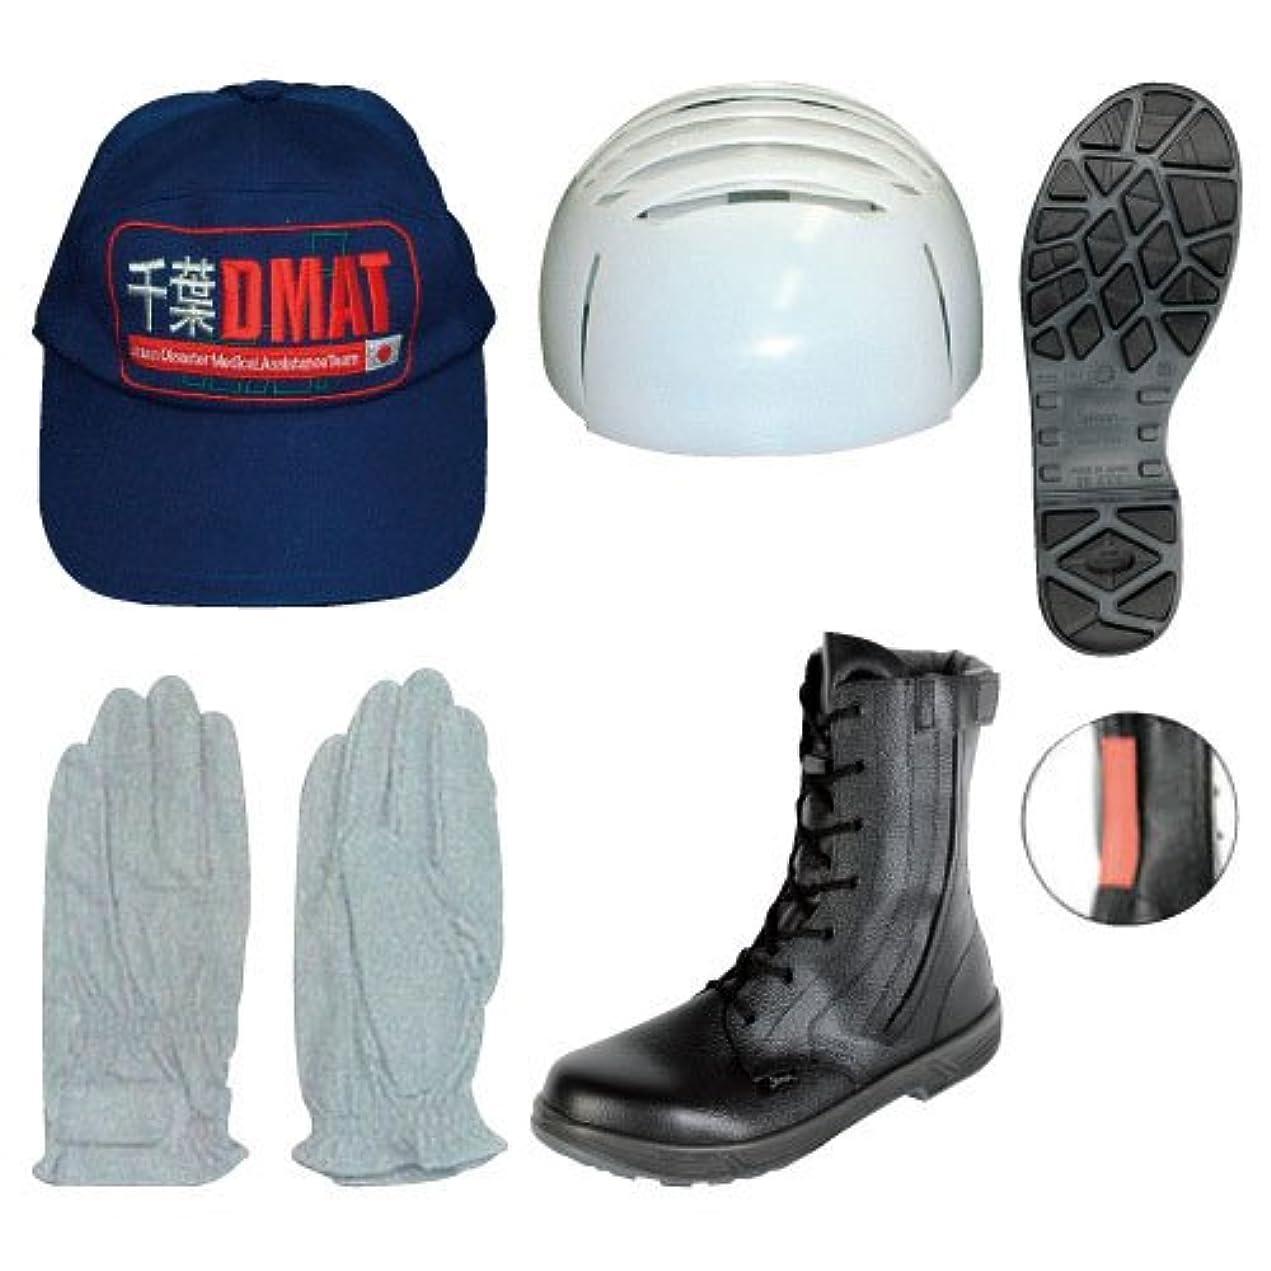 序文ポーズ消防士DMAT用手袋 DMAT???????(23-2391-00)??M M